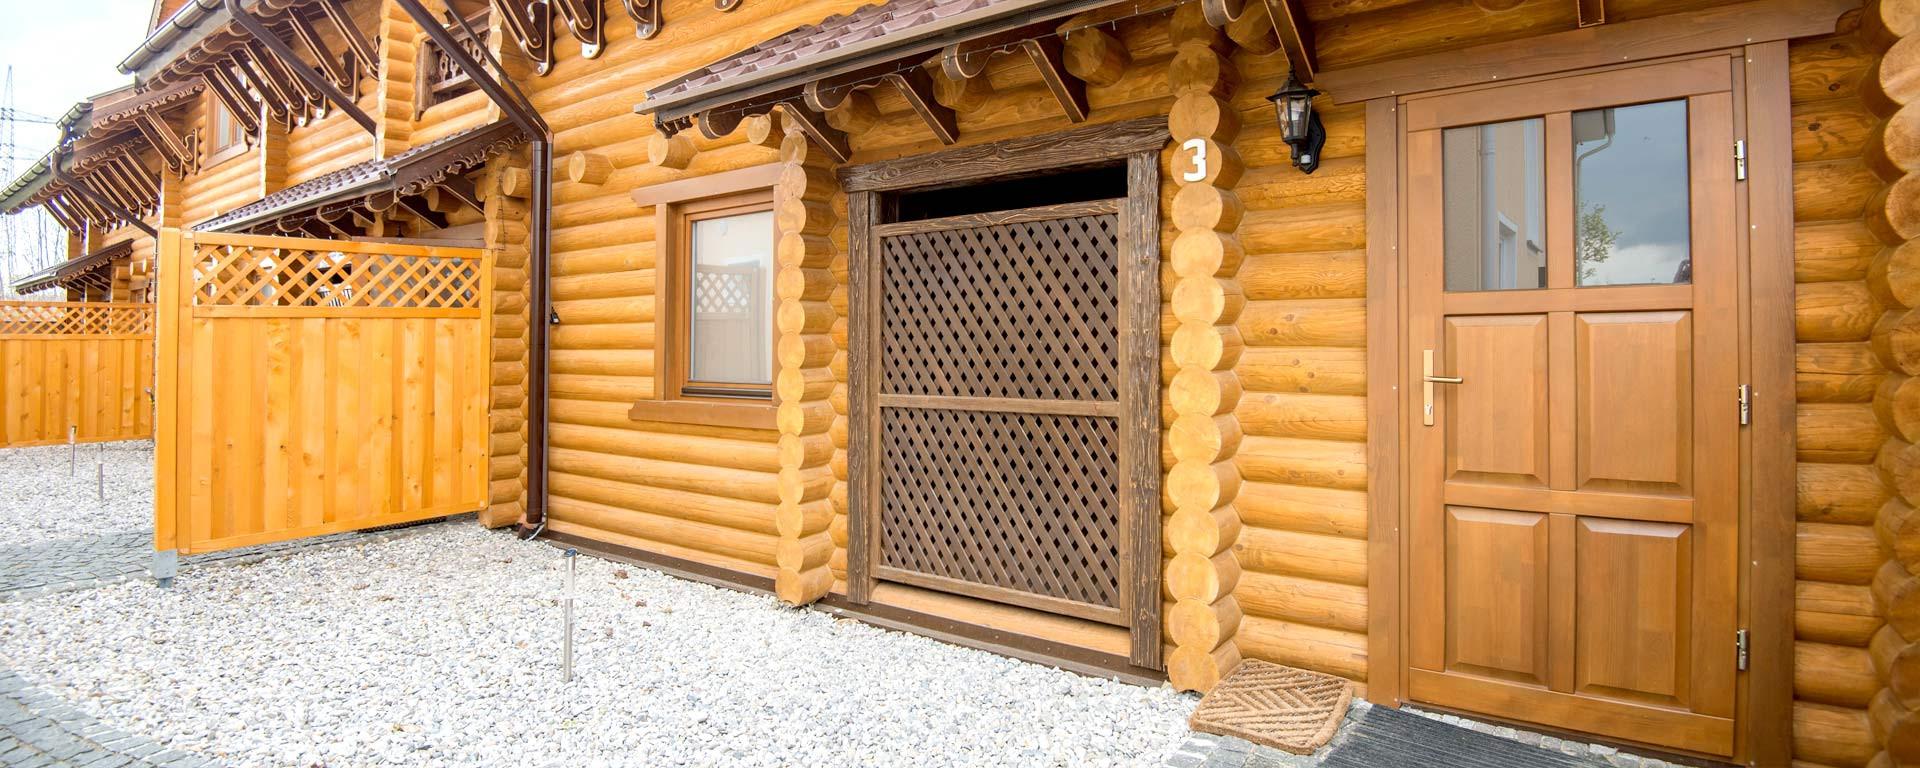 Hotel-Wellness & Sauna - russische Banja - private Sauna in 86551 Aichach bei Dasing/ Augsburg